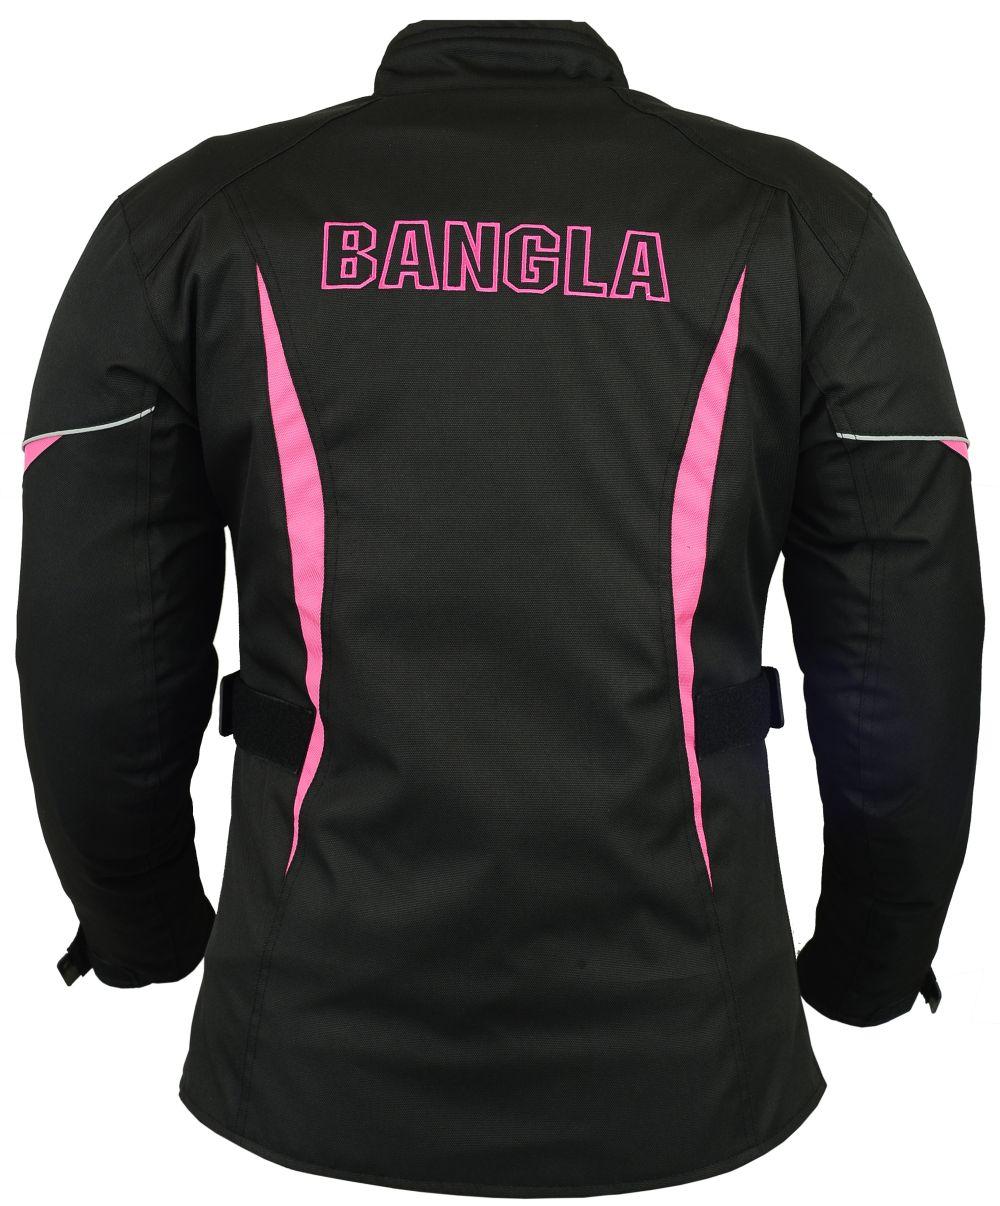 Motorradjacke Damen Textil Schwarz Pink Bangla S M L XL XXL XXXL